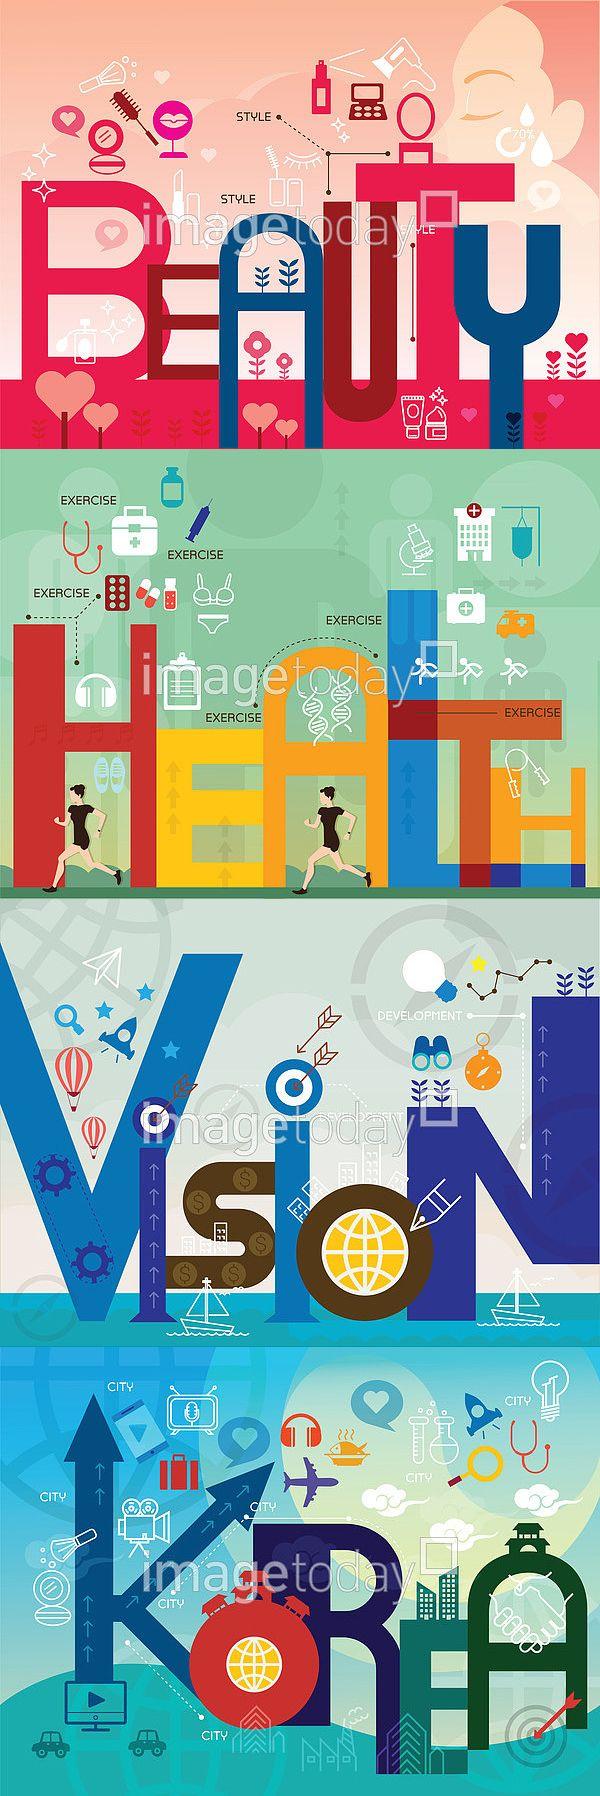 단어 문자 백그라운드 블루 아이콘 영어 인포그래픽 일러스트 전통문양 지구 컨셉 타이포그라피 파란색 한국 건강 그린 달리기 운동 의학 비전 뷰티…